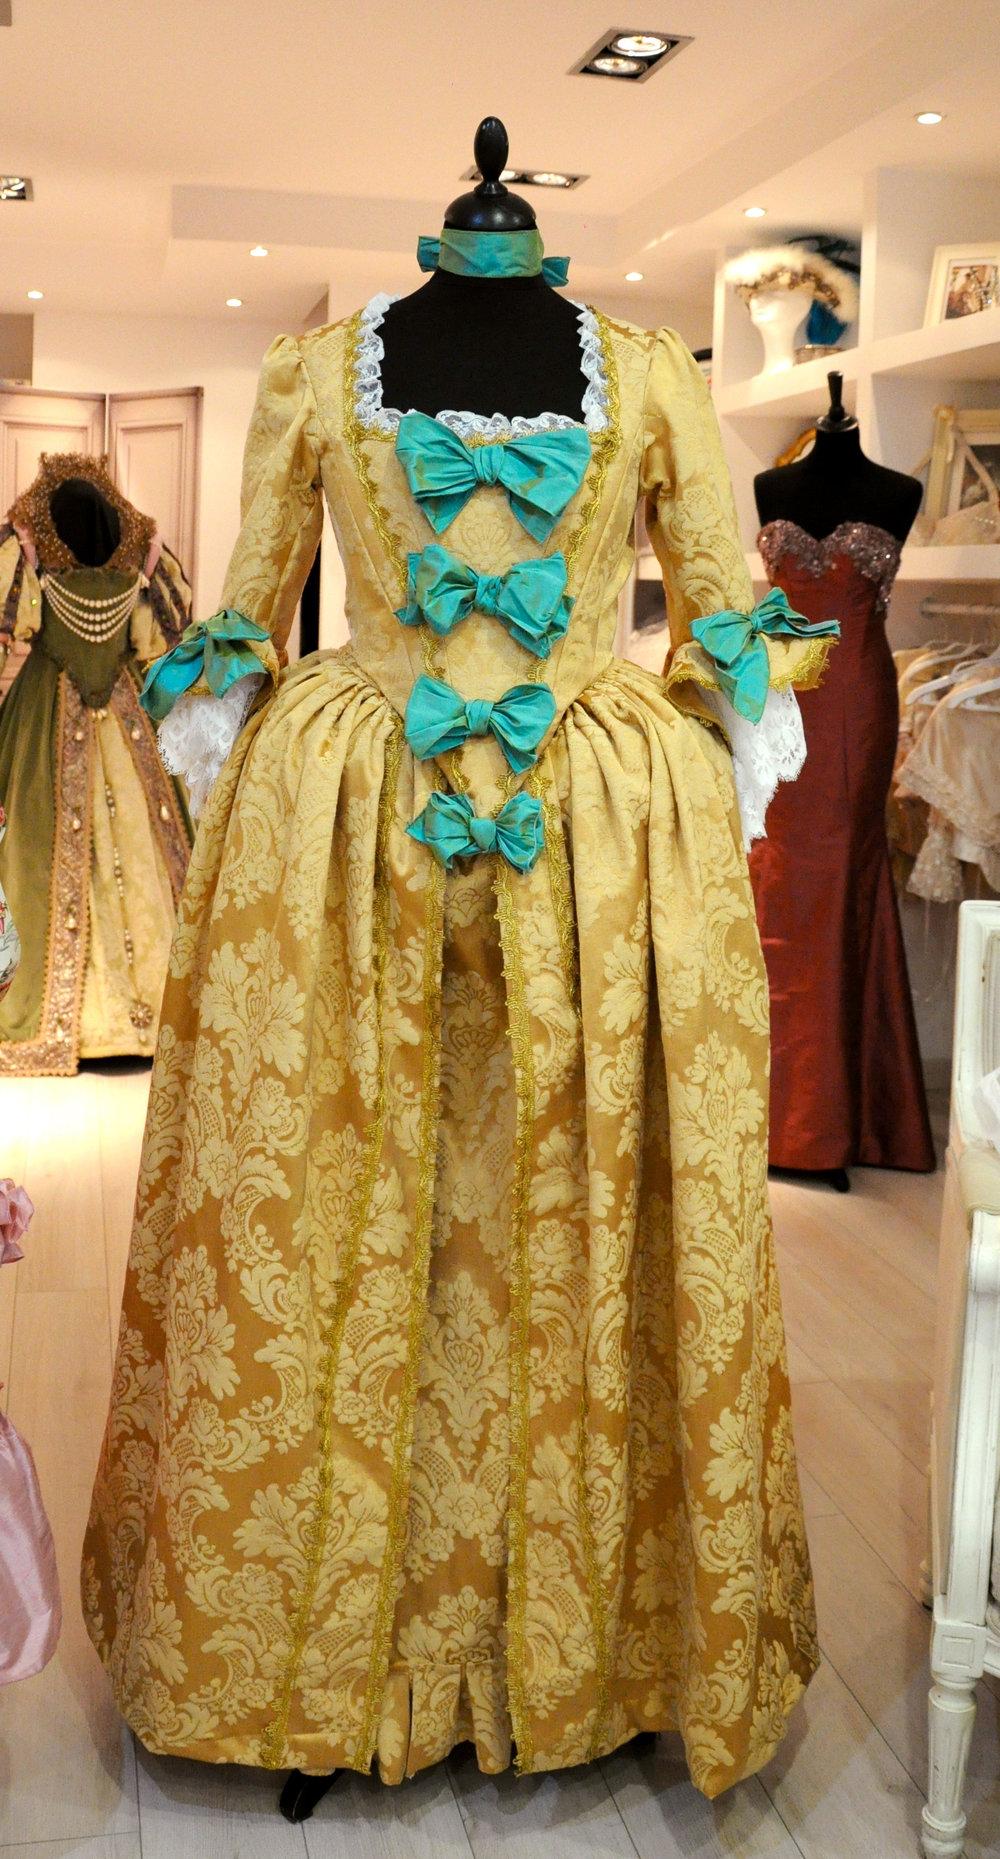 Robe XVIIIe dorée avec noeuds de soie bleue, création Agnès Szabelewski